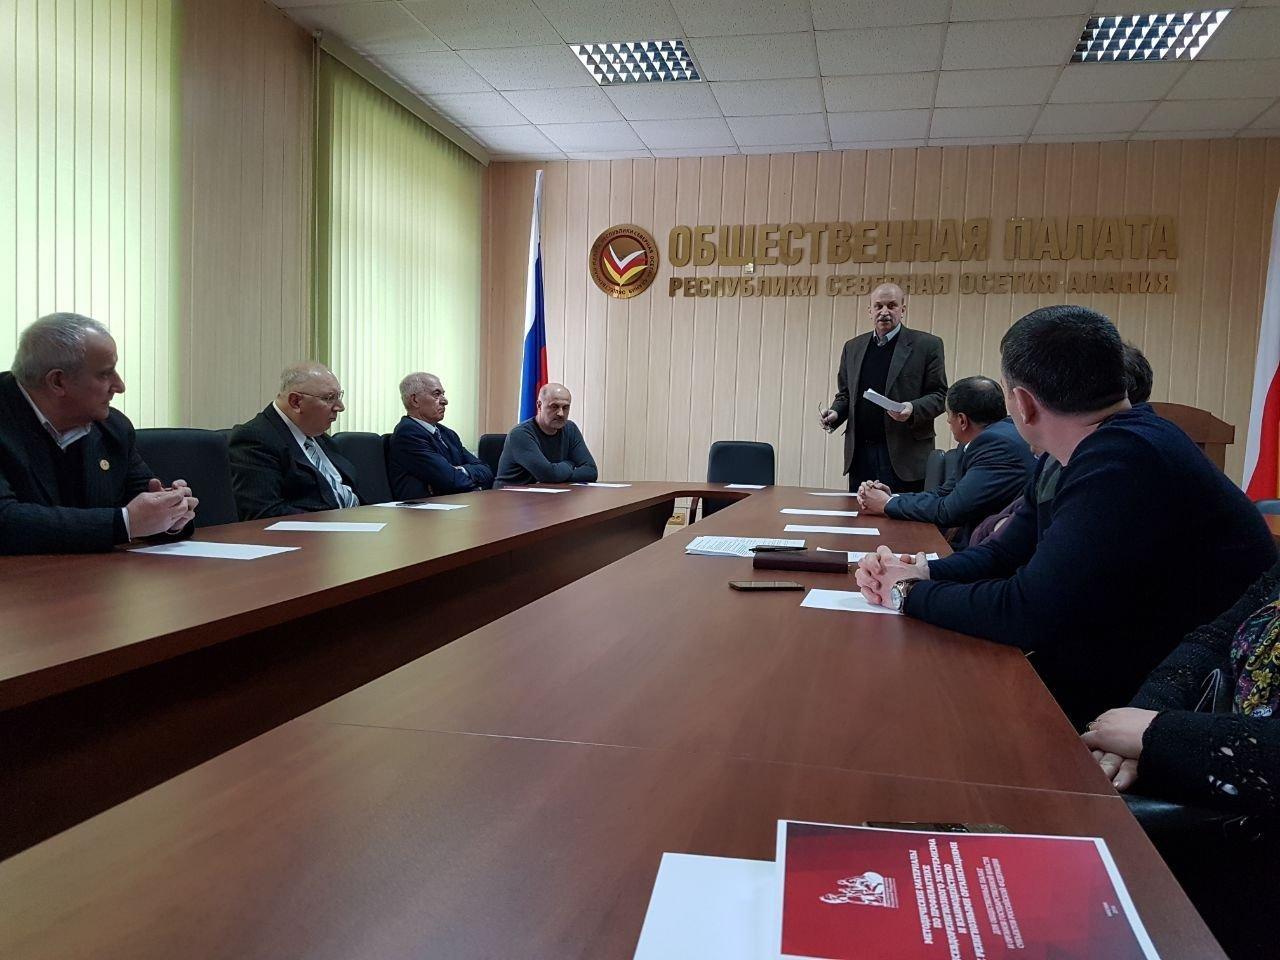 Ссеминар об истории и перспективах изменения названия Республики Северная Осетия – Алания